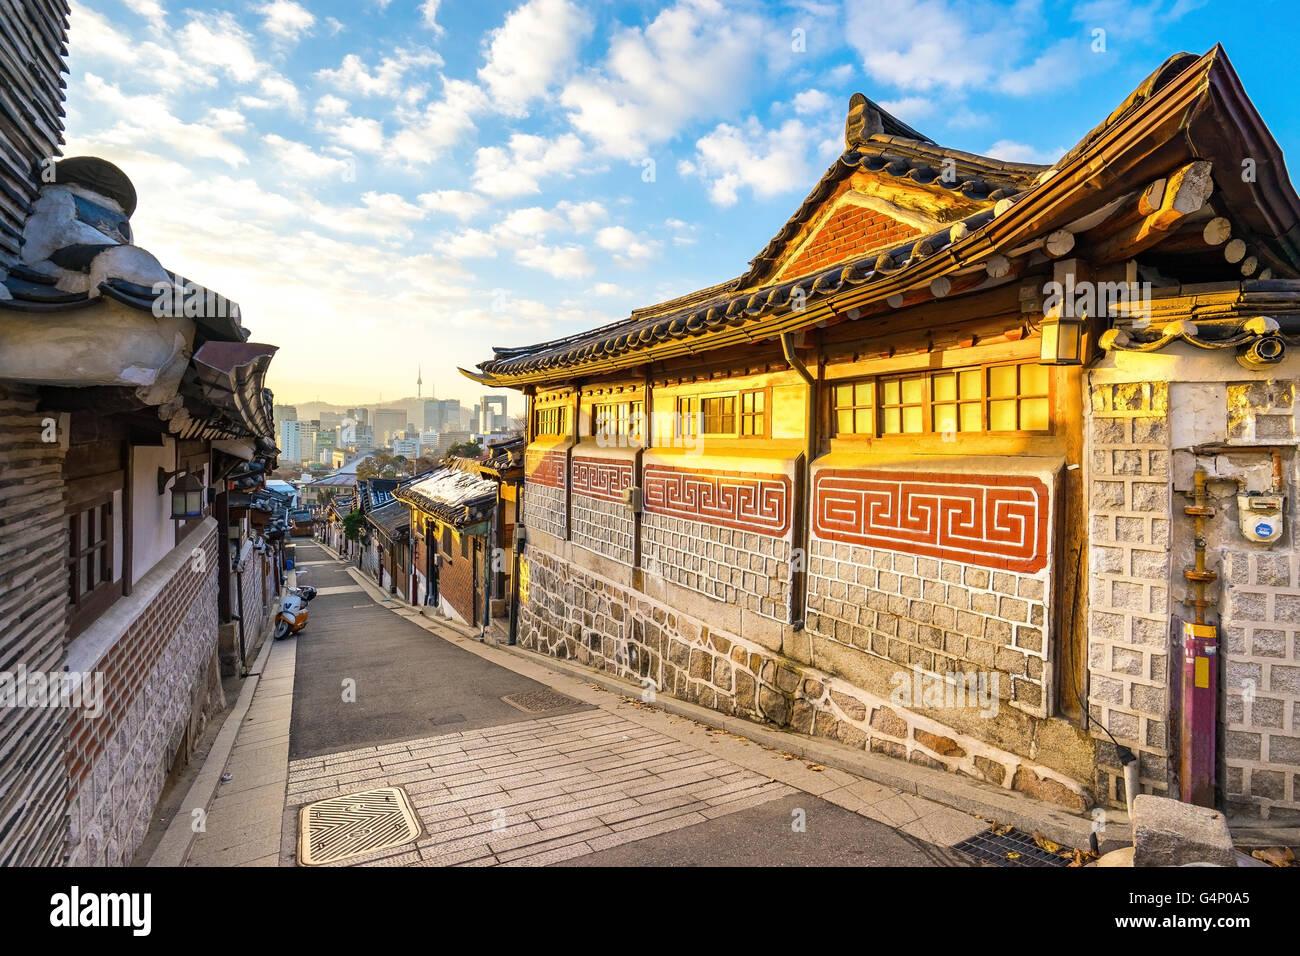 Bukchon borgo antico a Seul, in Corea del Sud. Immagini Stock